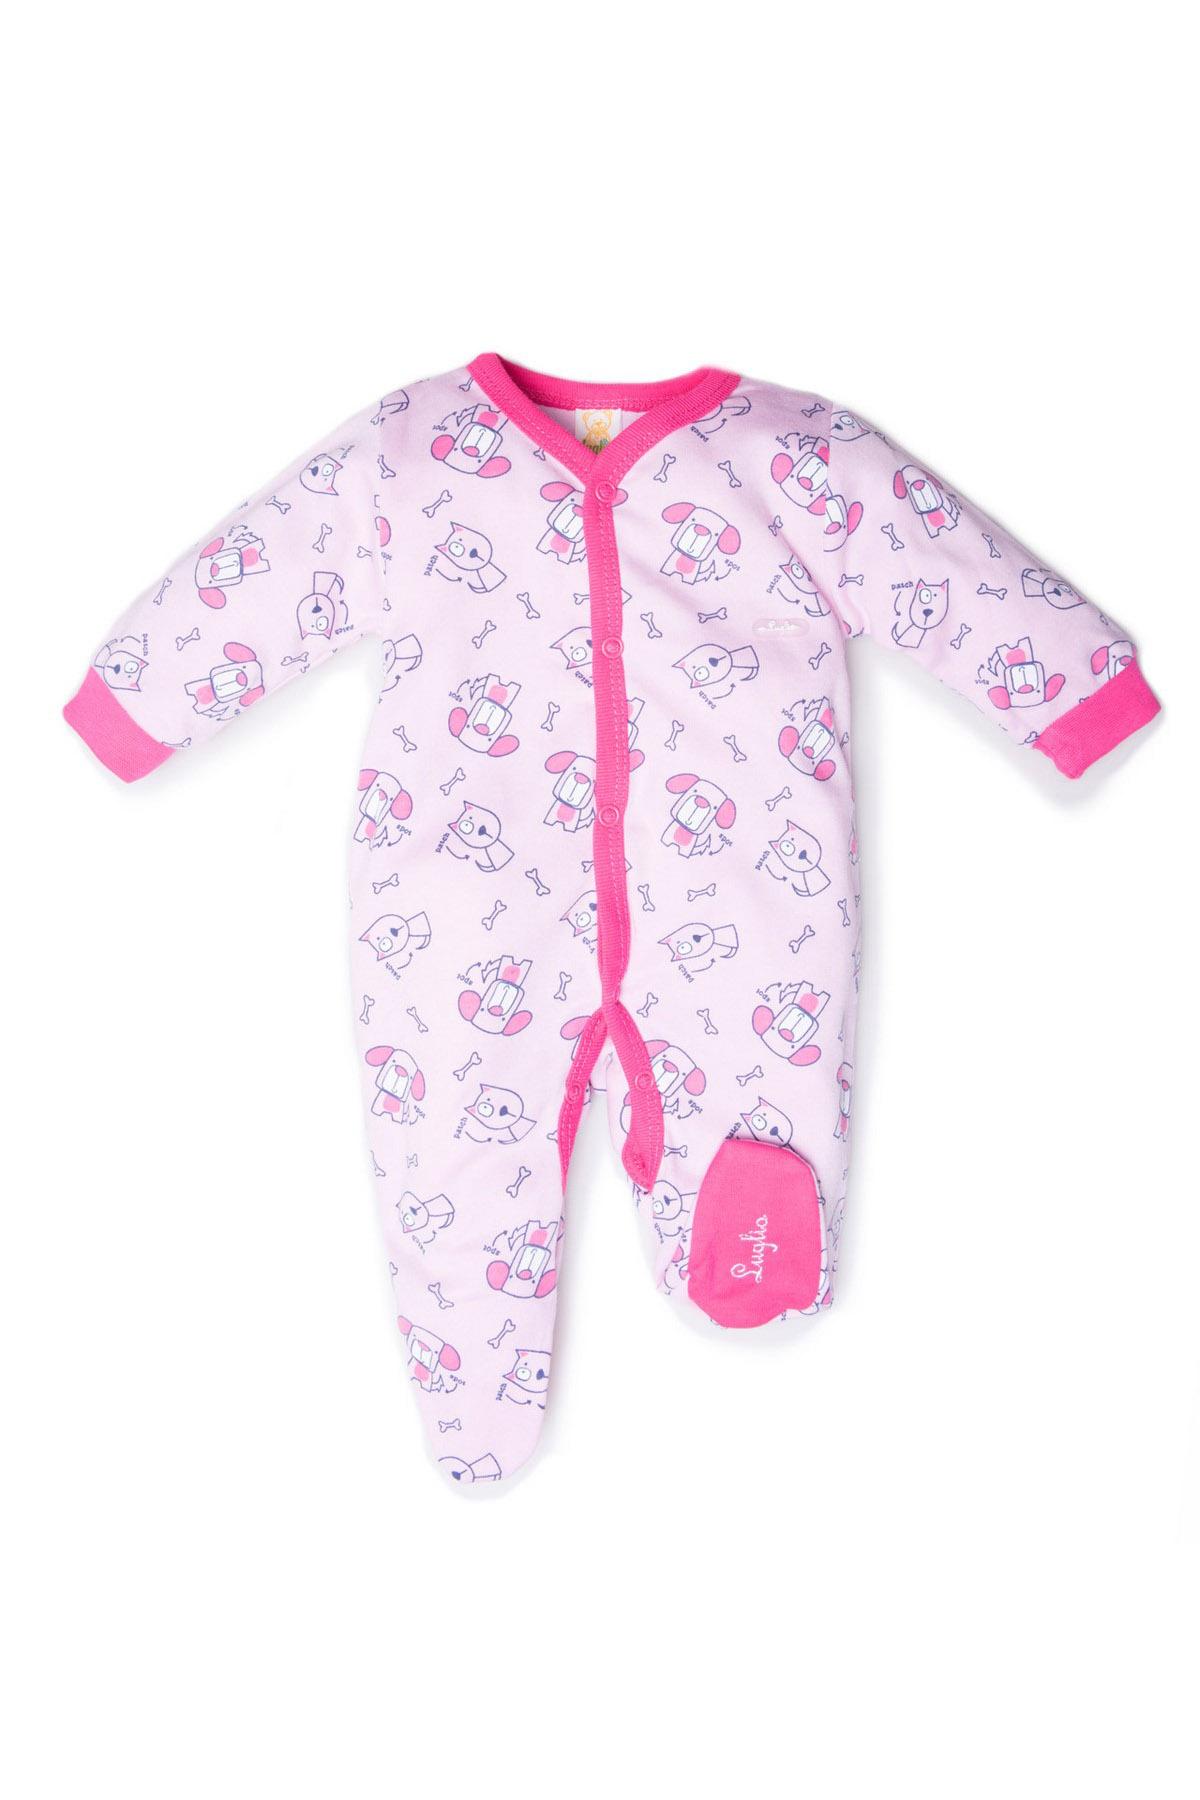 tutina neonata luglio abbigliamento bicolore rosa fuxia